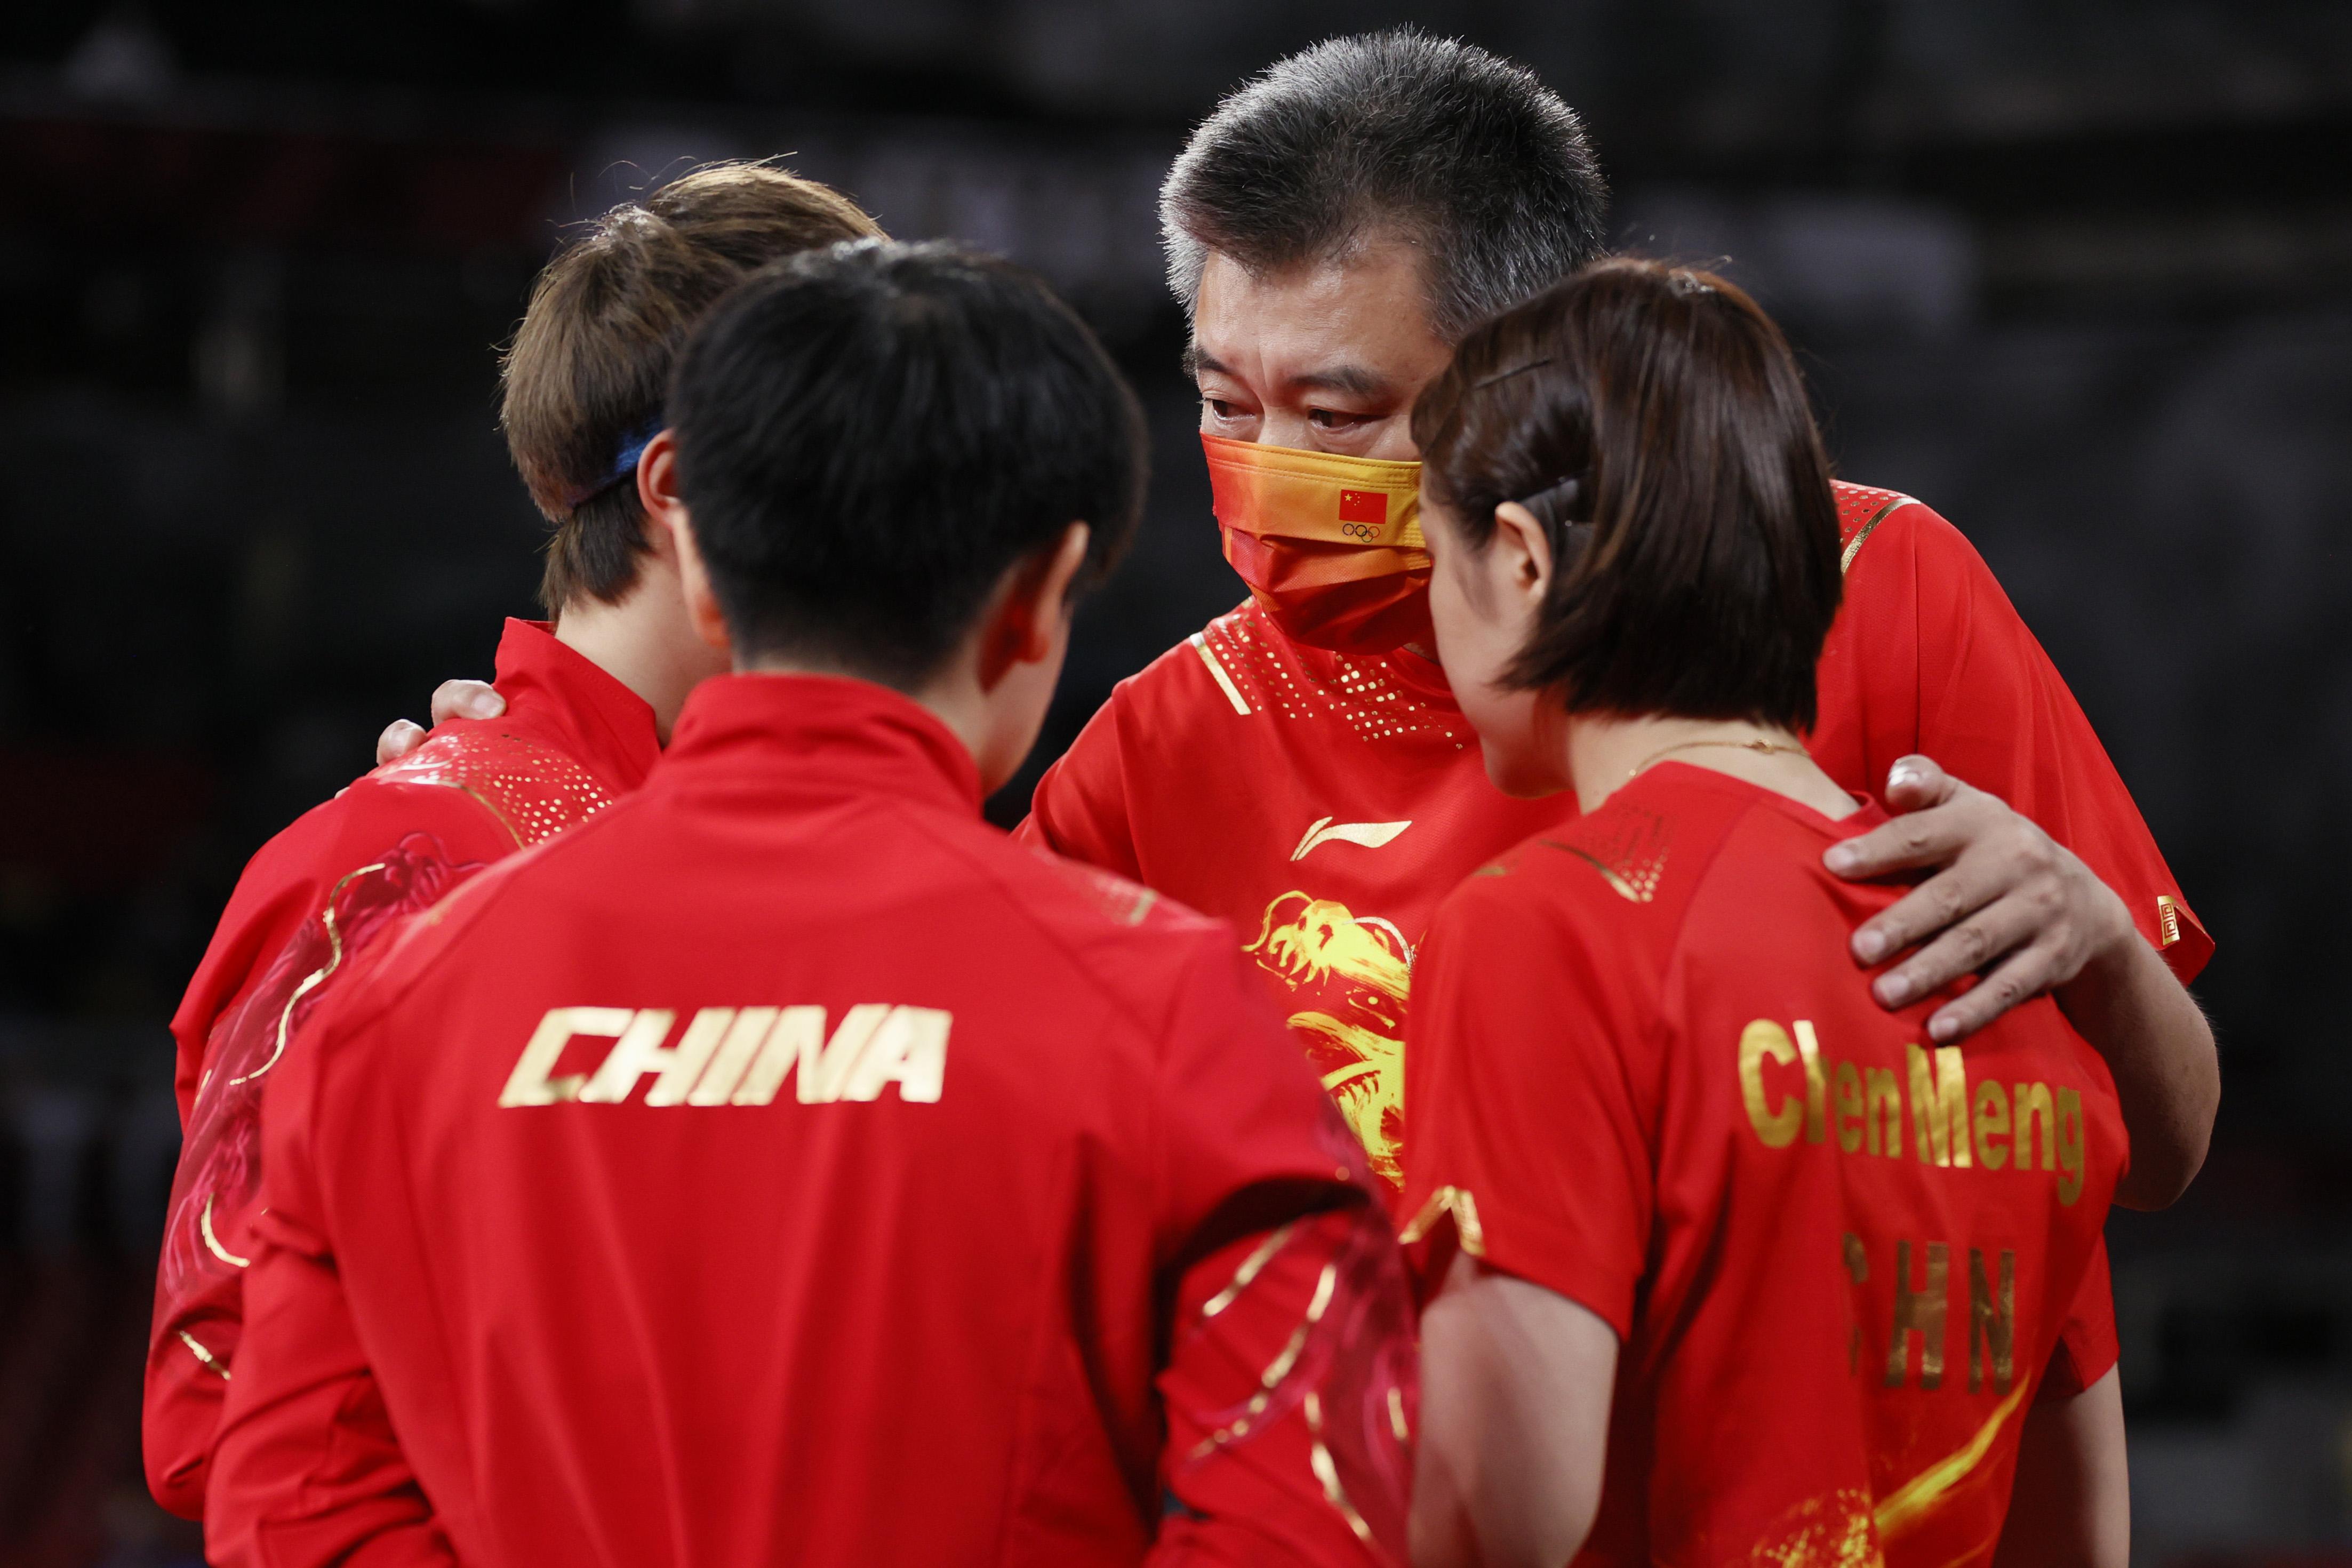 李隼指导嘱咐三名队员。